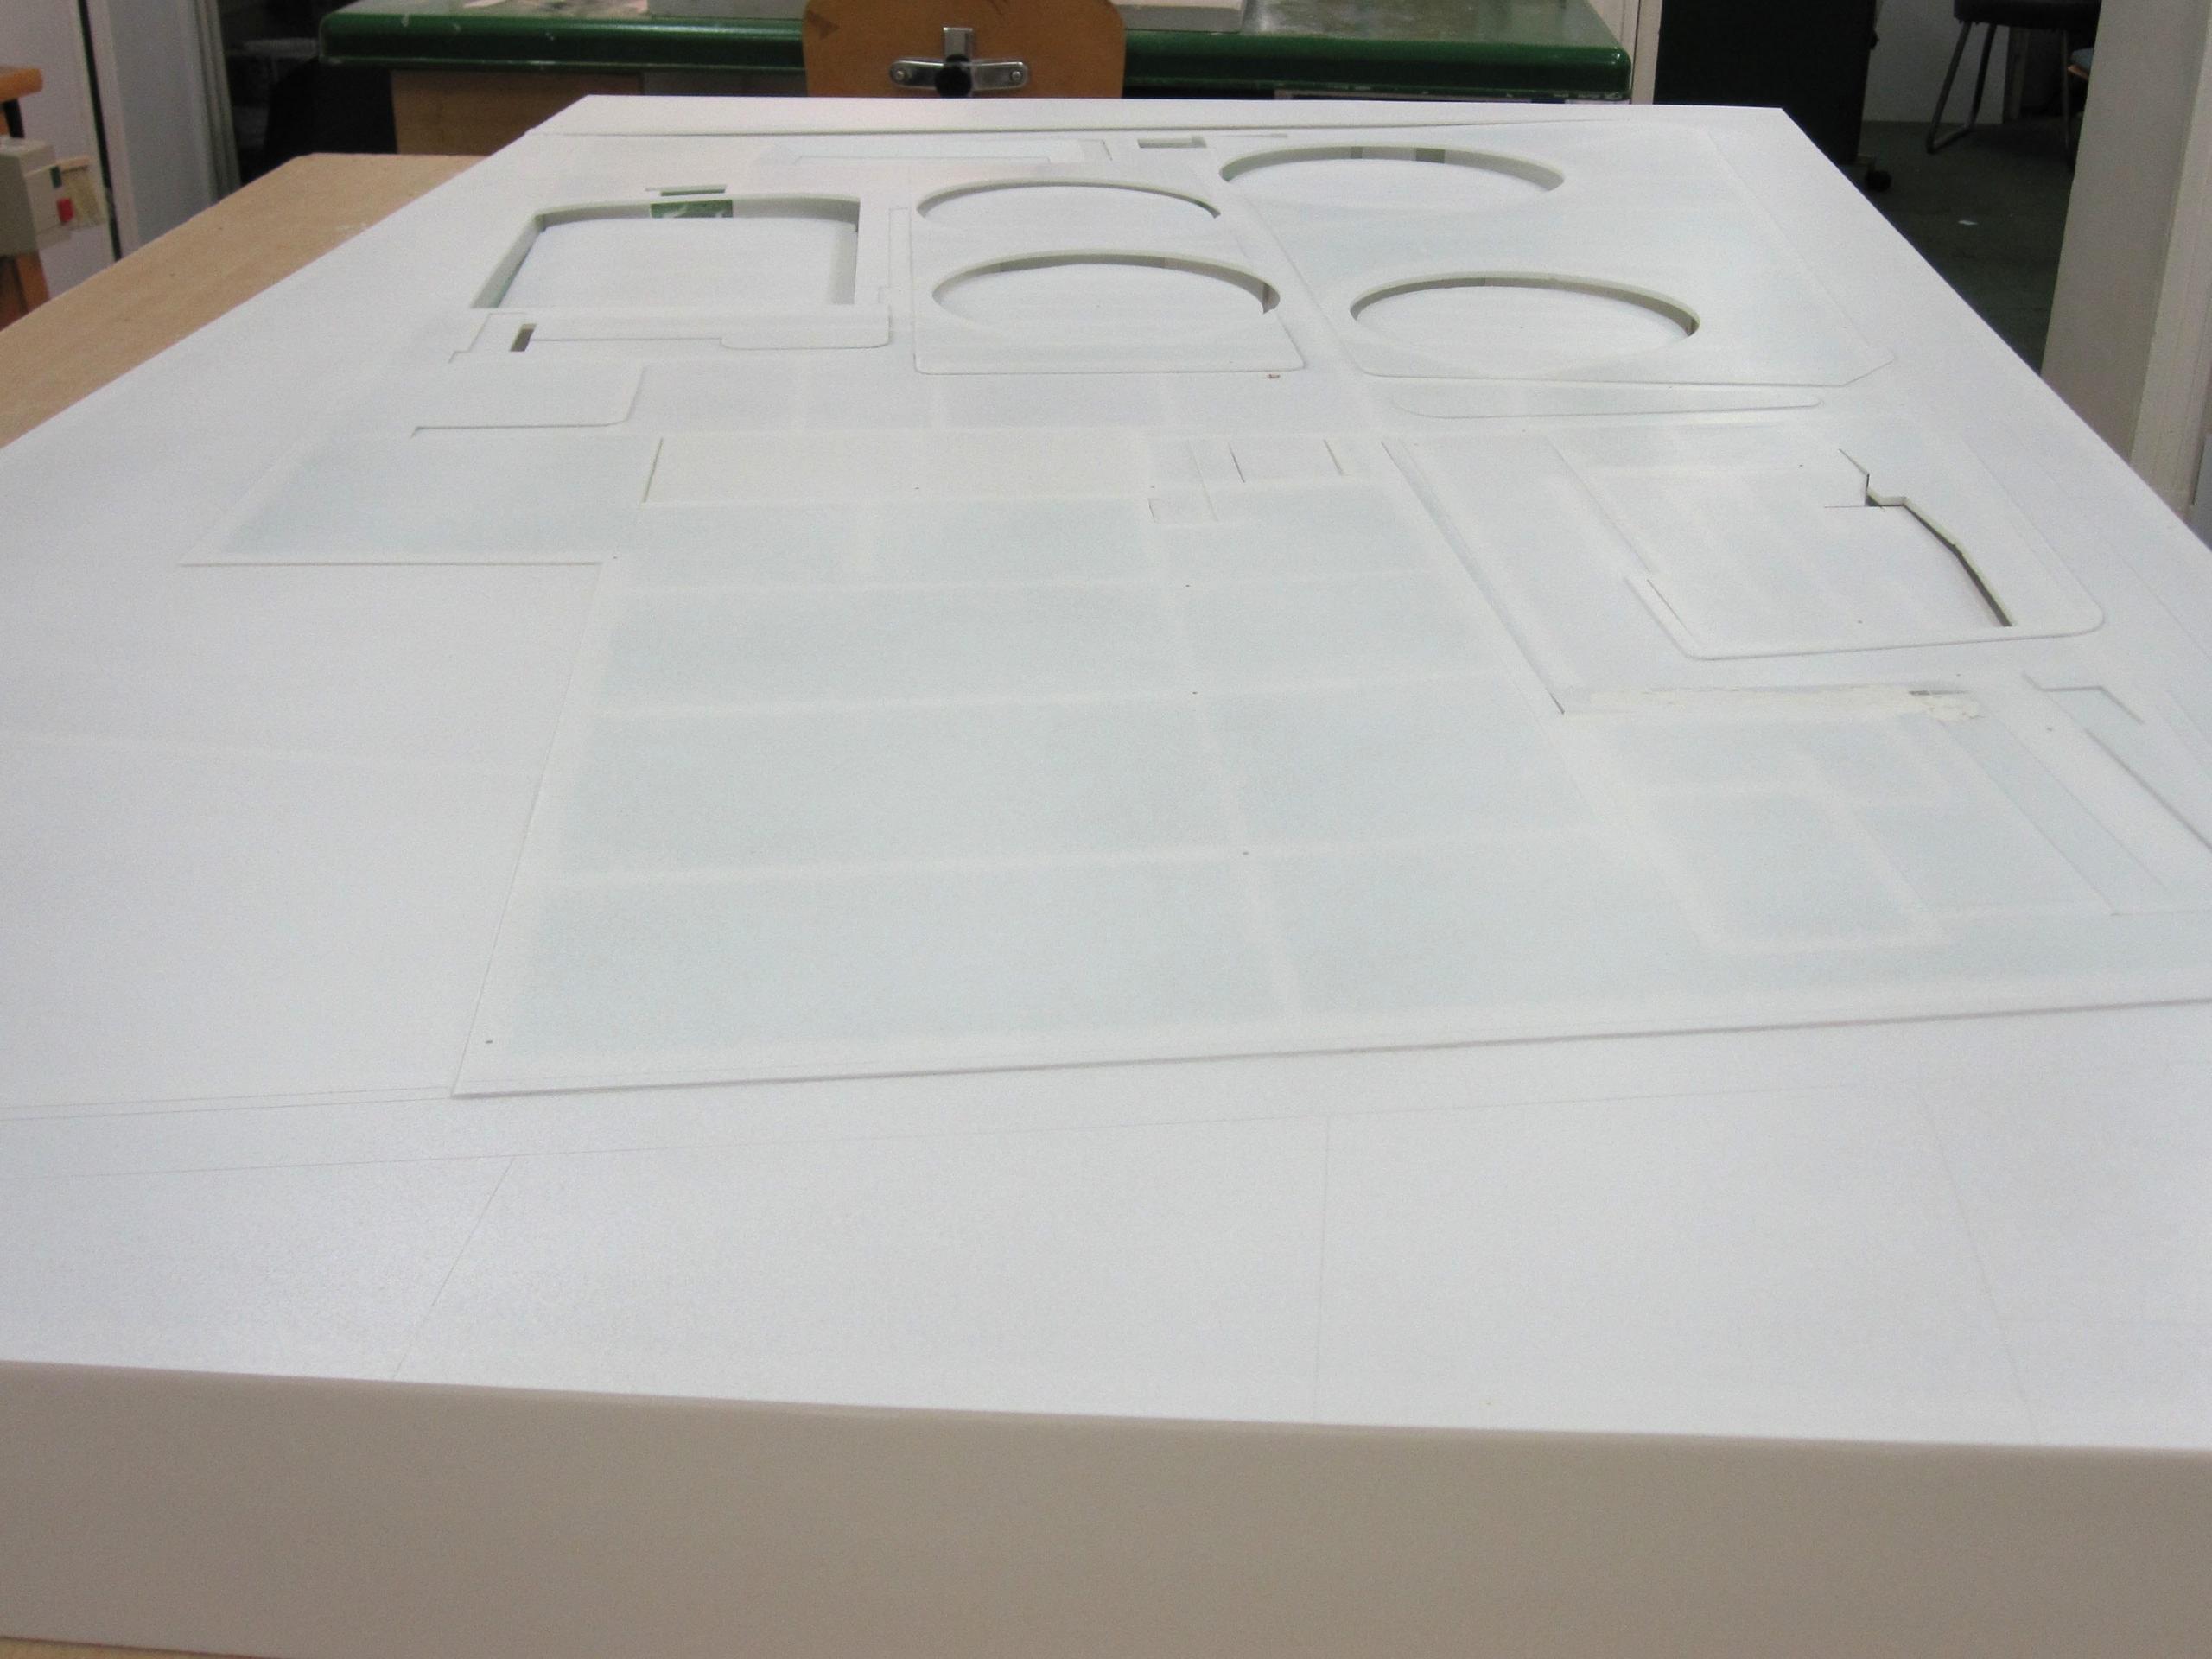 Socle modelé avec plaque de plexiglas, station épuration rosny sur seine otv socle